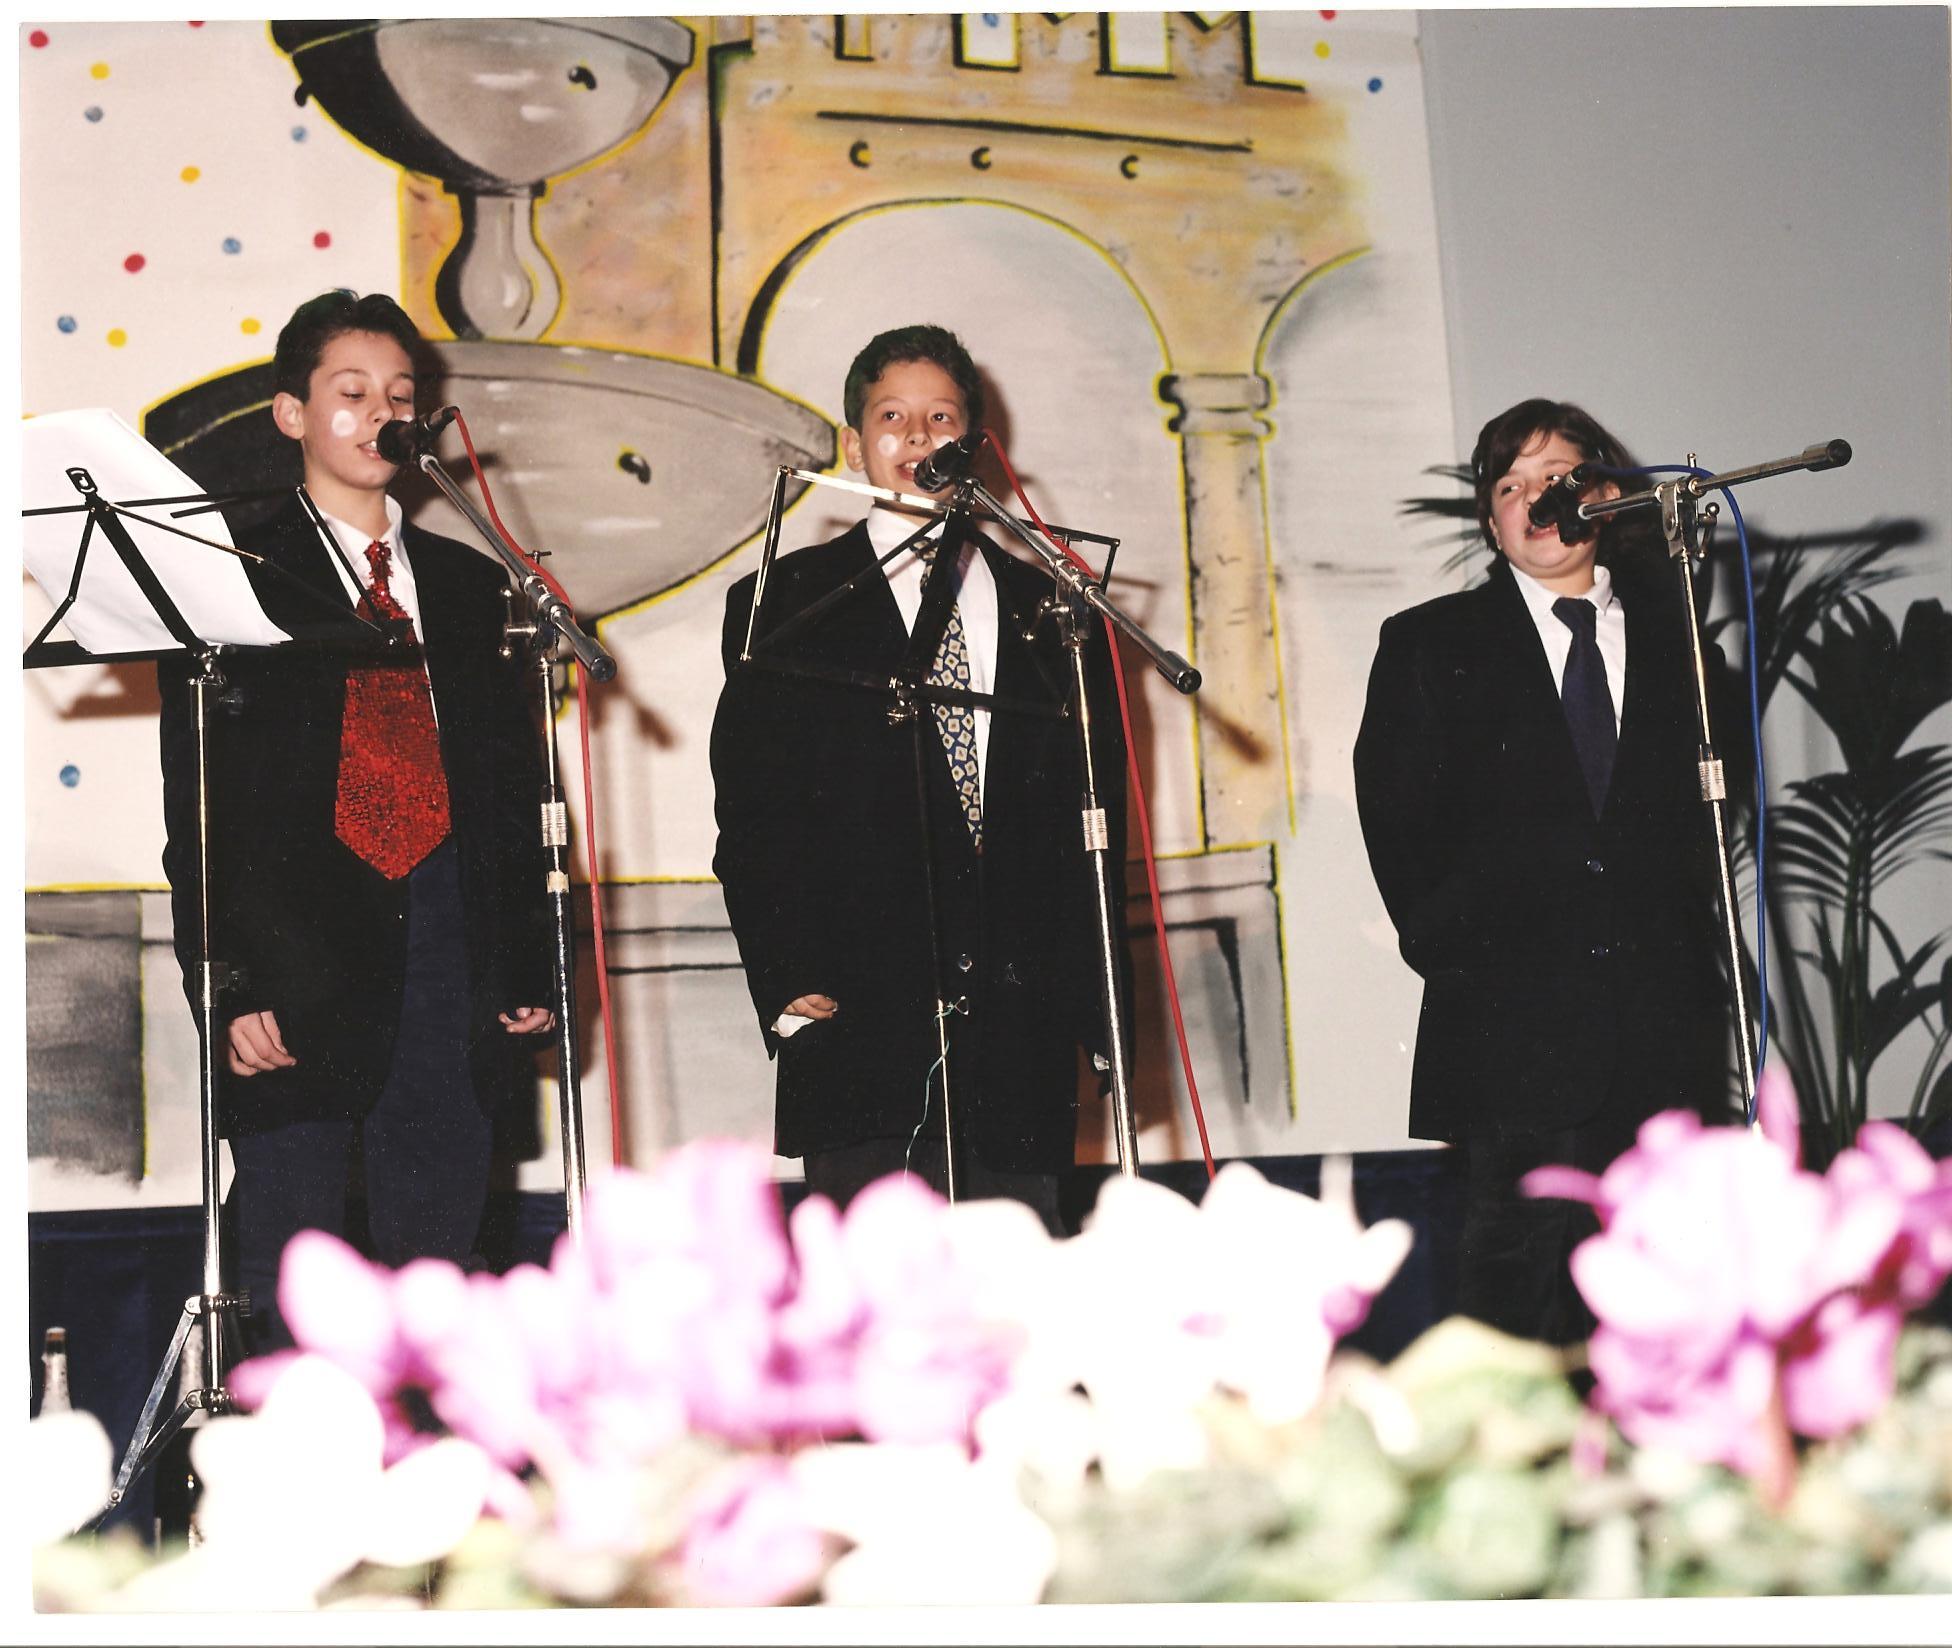 Veglione 2001